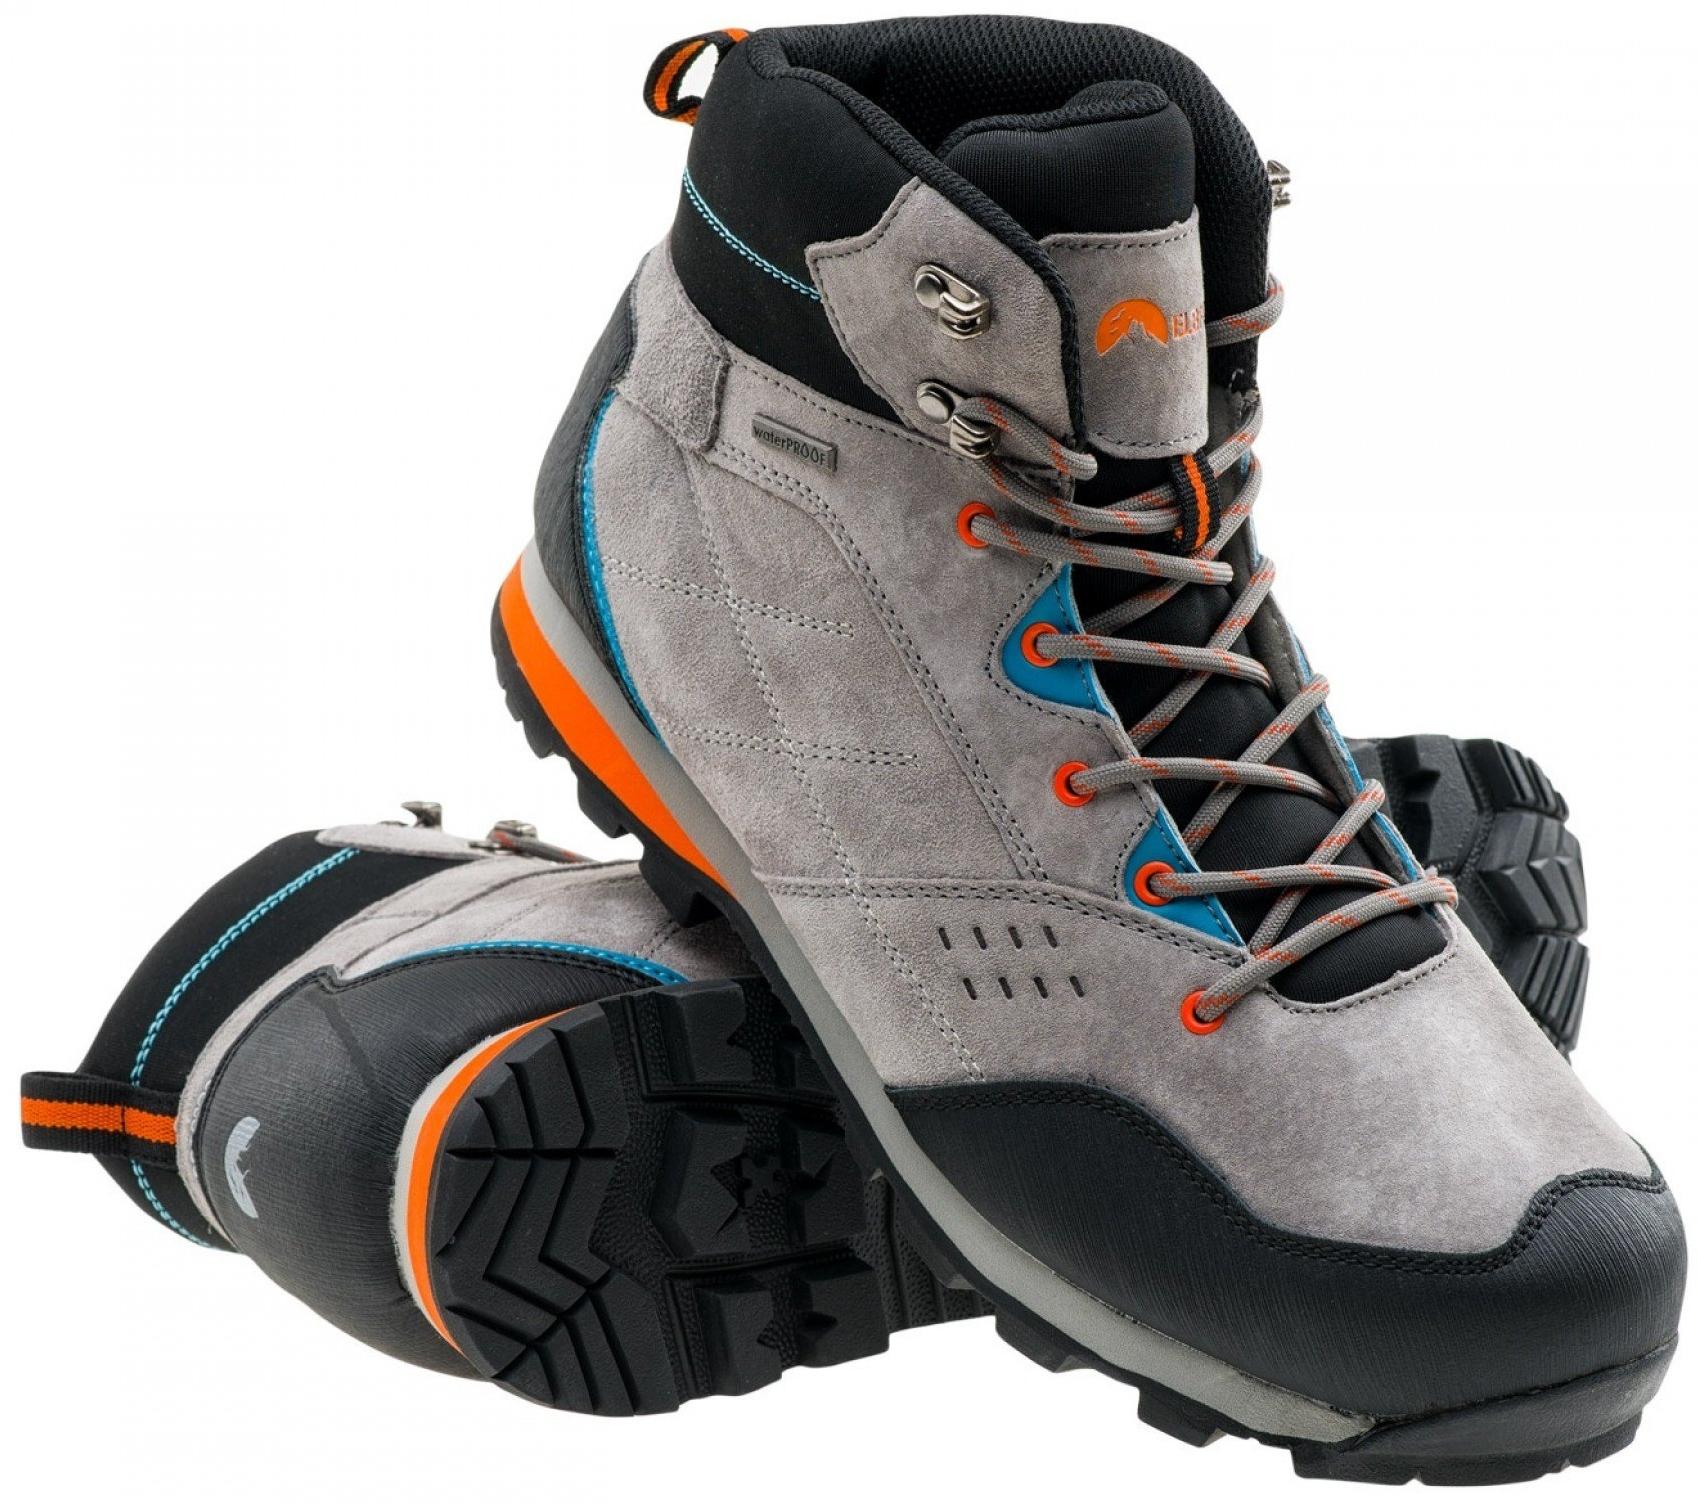 Sniegowce Marki Manitu Wykonane Zostaly Z Impregnowanych Tkanin Dodatkowo Zabezpieczone Membrana Polar Tex Nieprzemakalne Dodatko Boots Shoes Ugg Boots